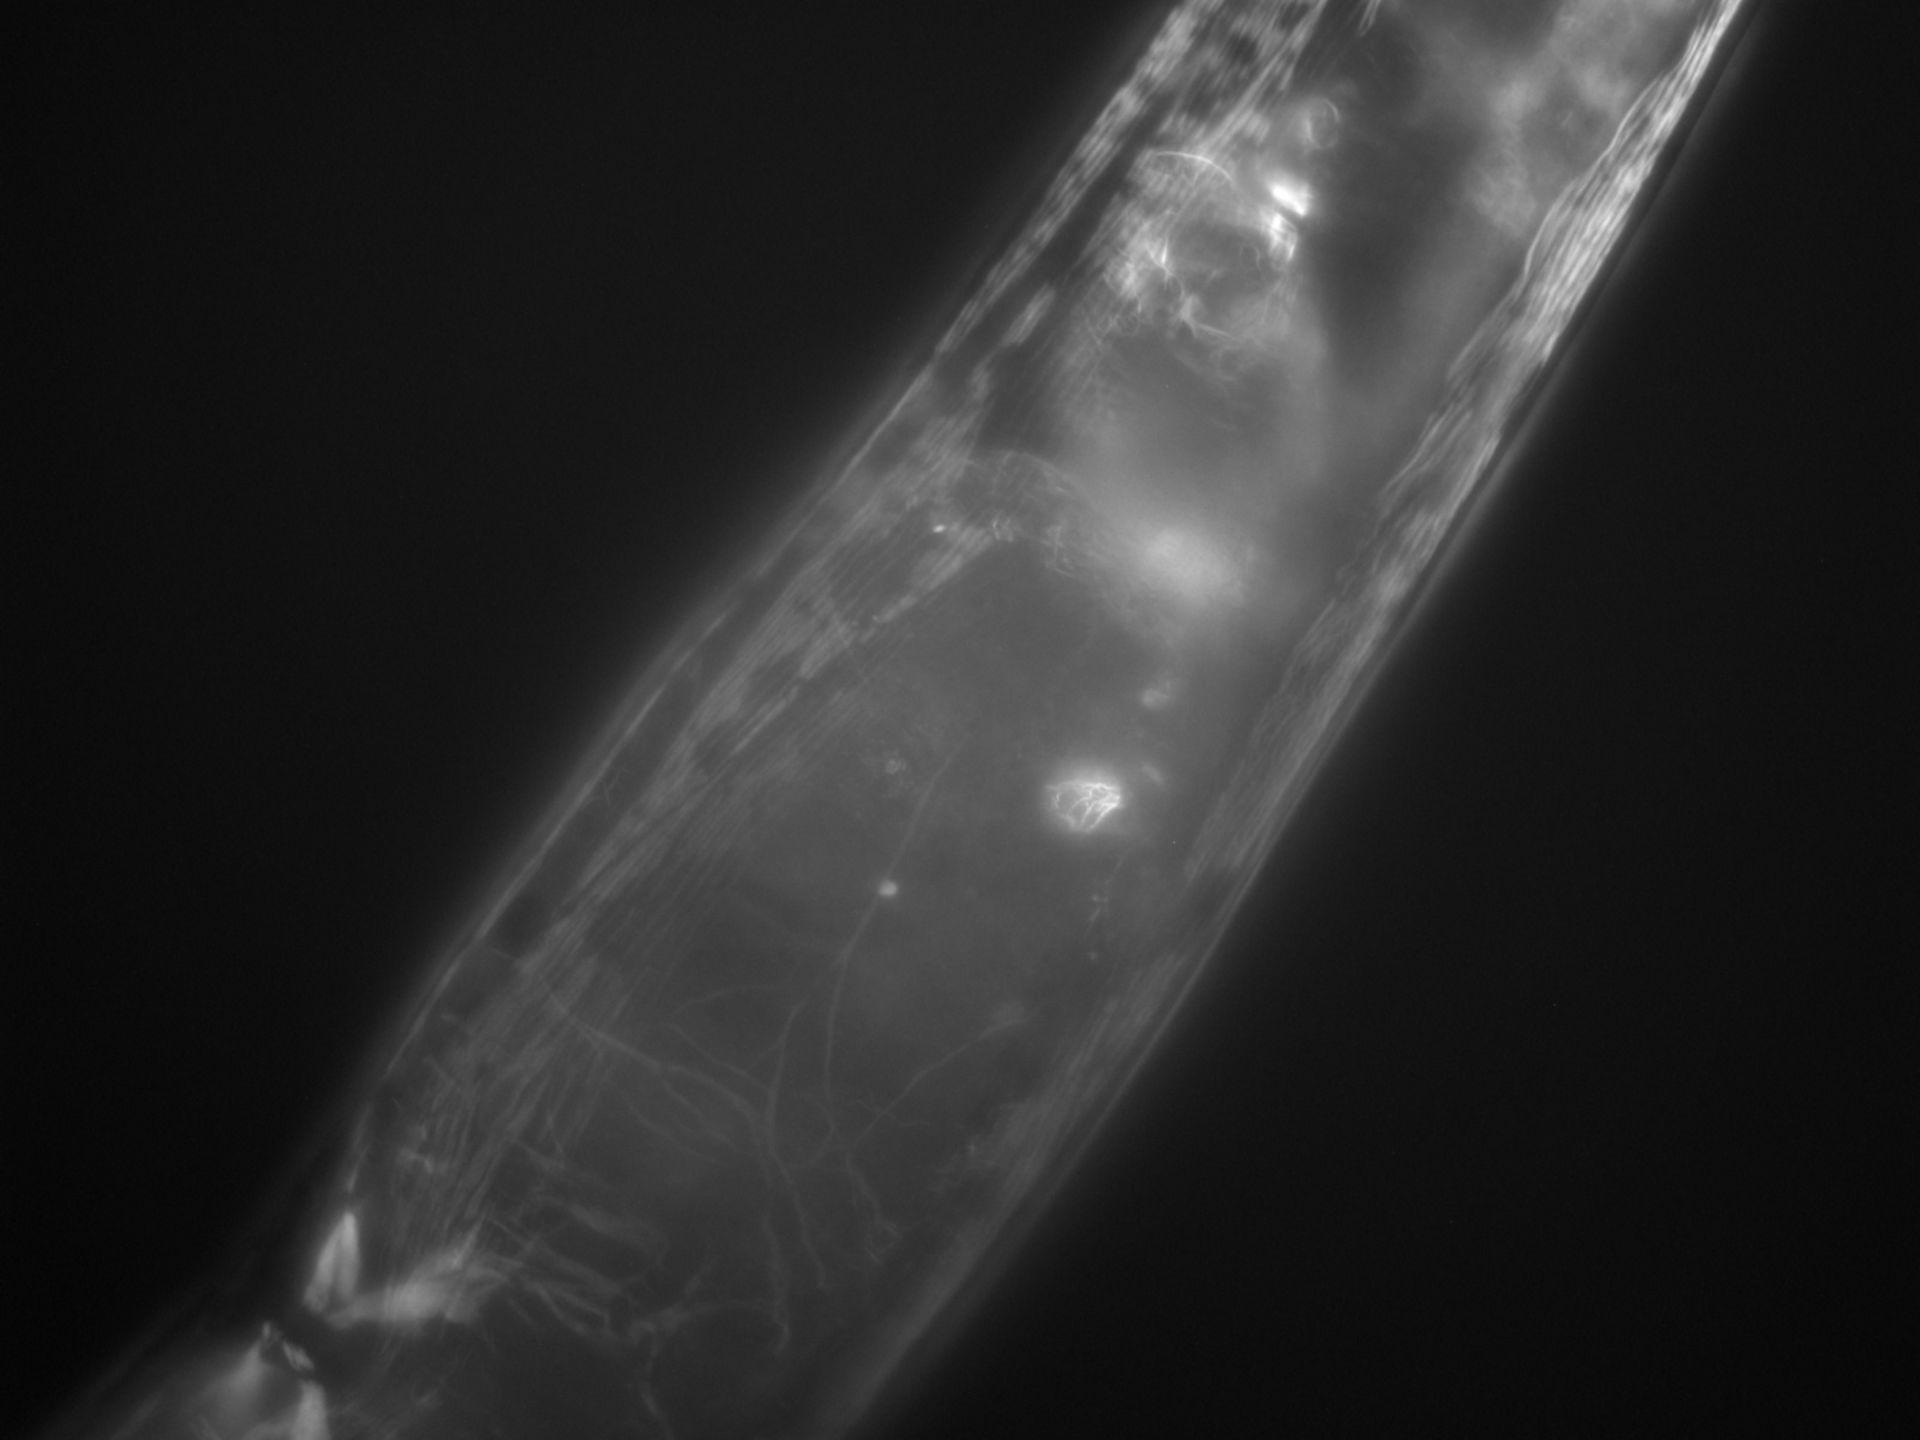 Caenorhabditis elegans (Actin filament) - CIL:1277